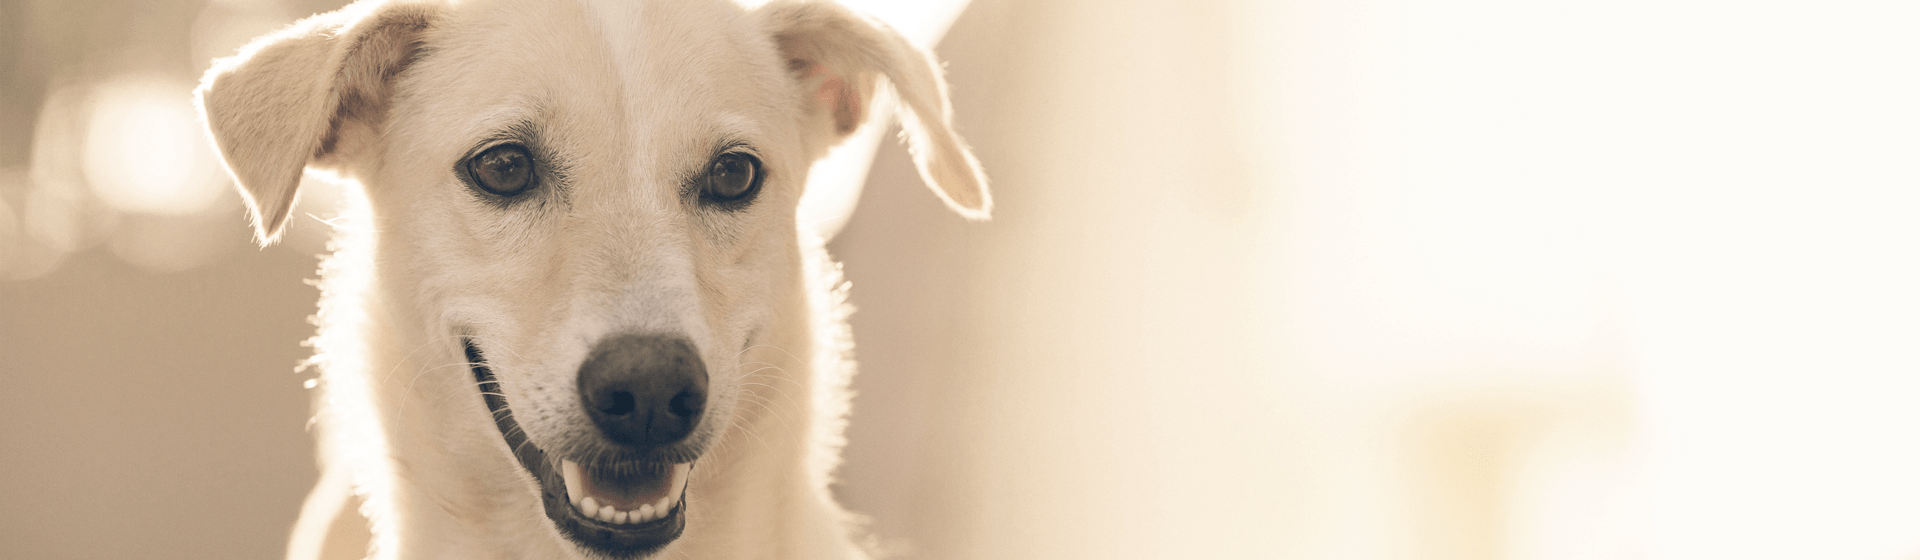 Mögliche Schadensansprüche nach einem Hundebiss.